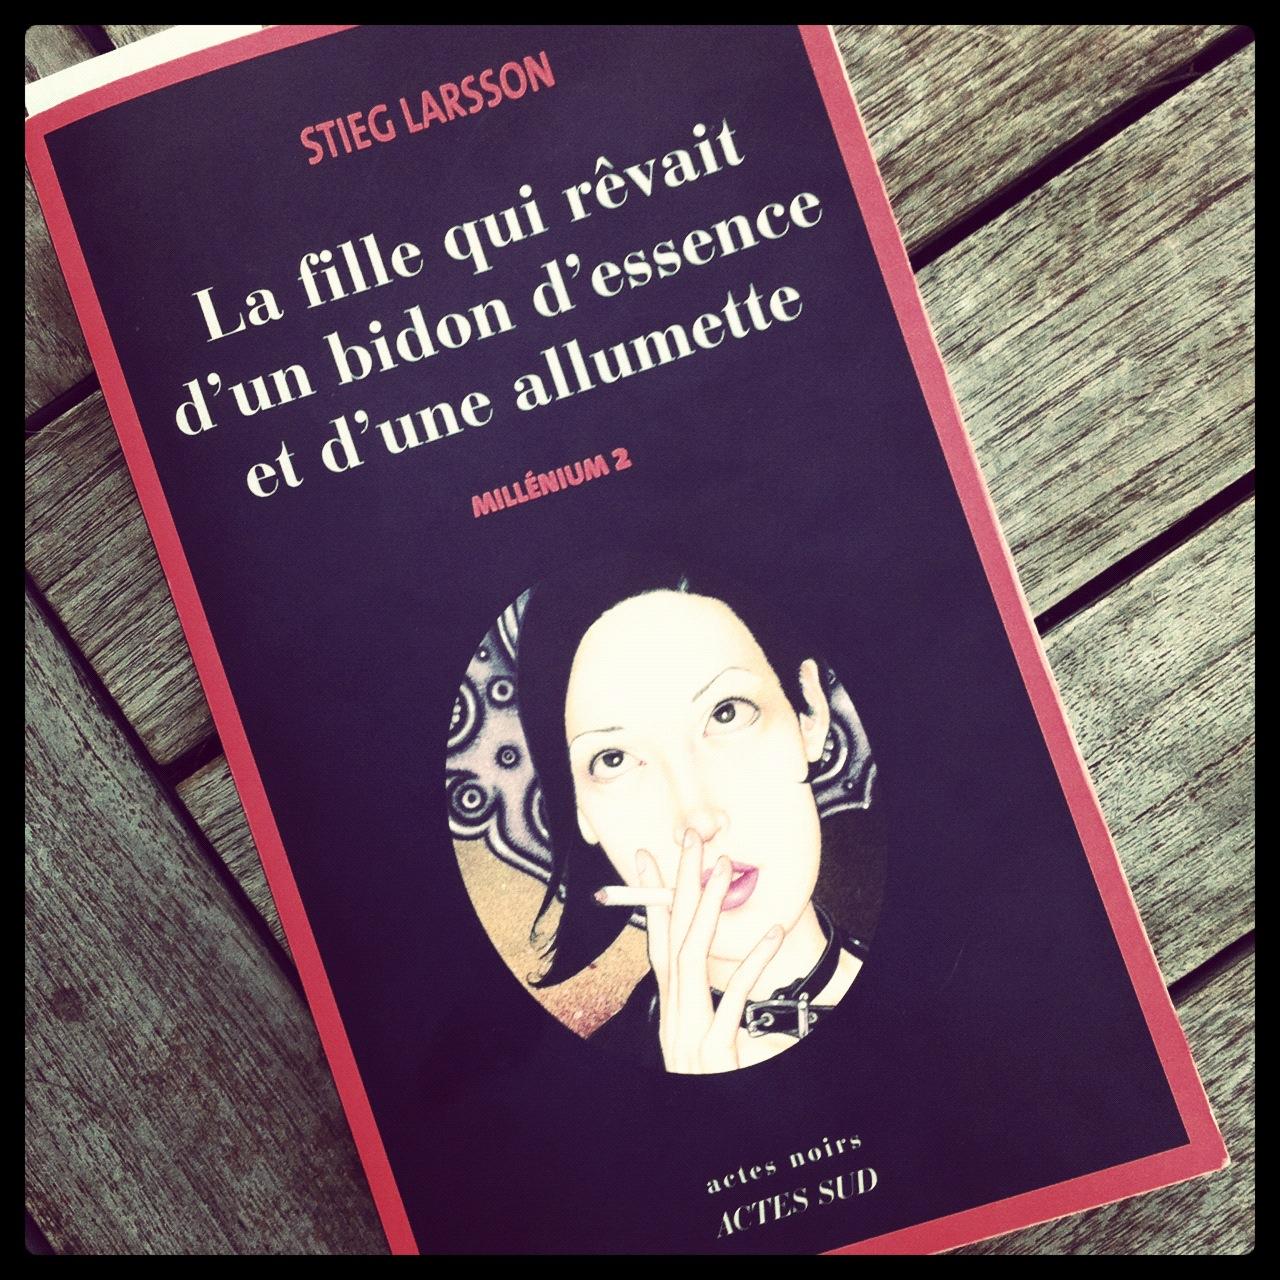 Stieg Larsson, Millenium 2